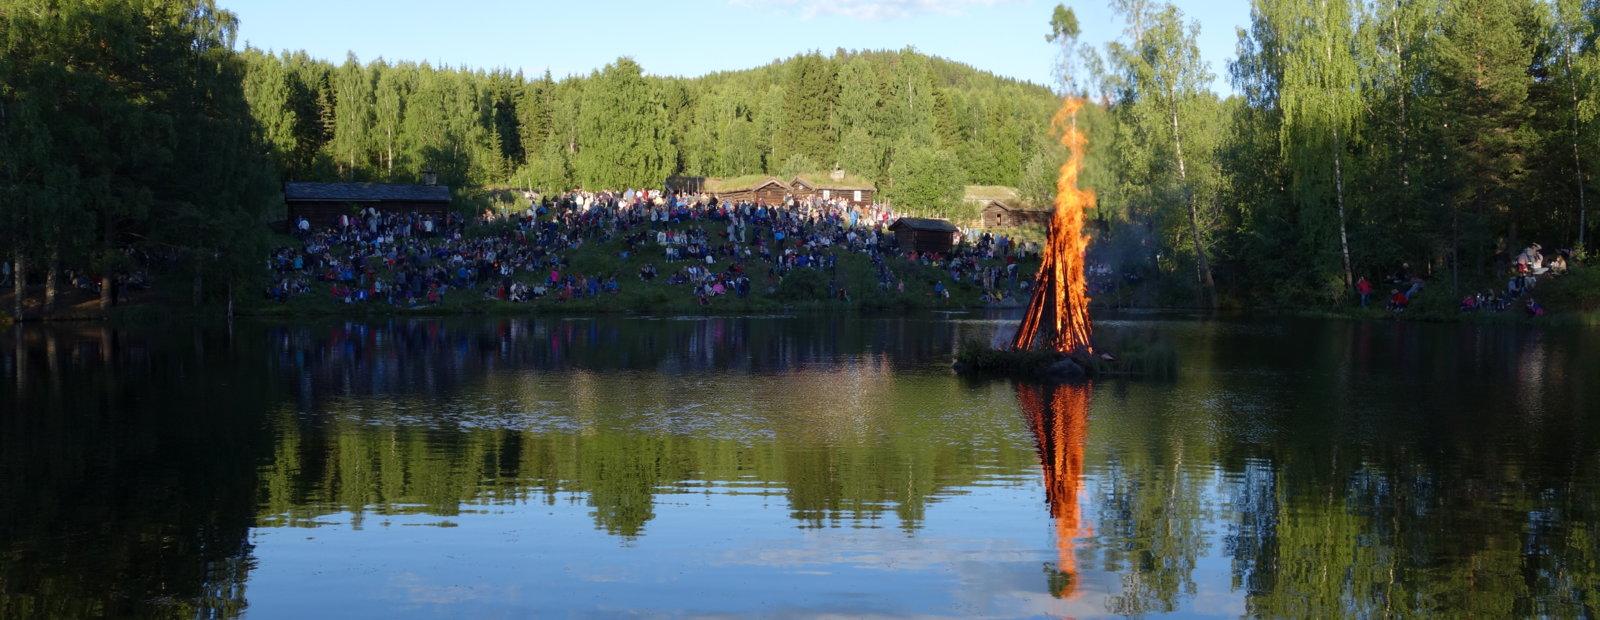 Sankt Hans bål i skumringen på Maihaugen, Lillehammer